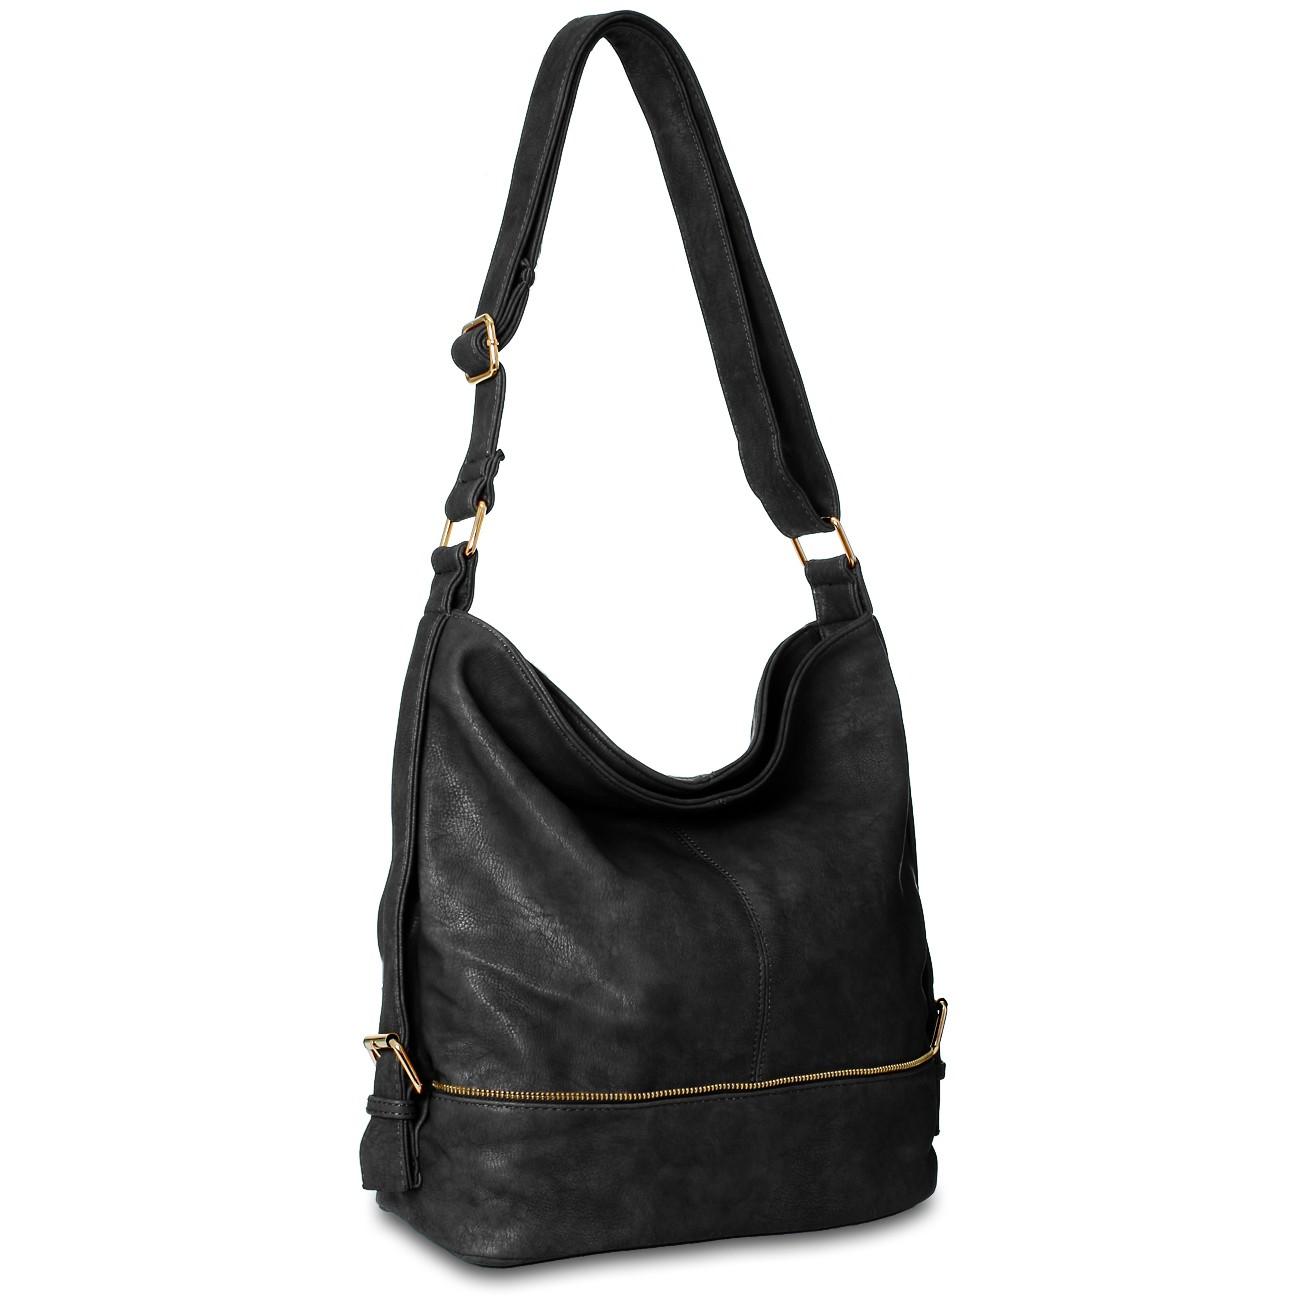 caspar damen beutel tasche handtasche messenger bag umh ngetasche langer gurt ebay. Black Bedroom Furniture Sets. Home Design Ideas